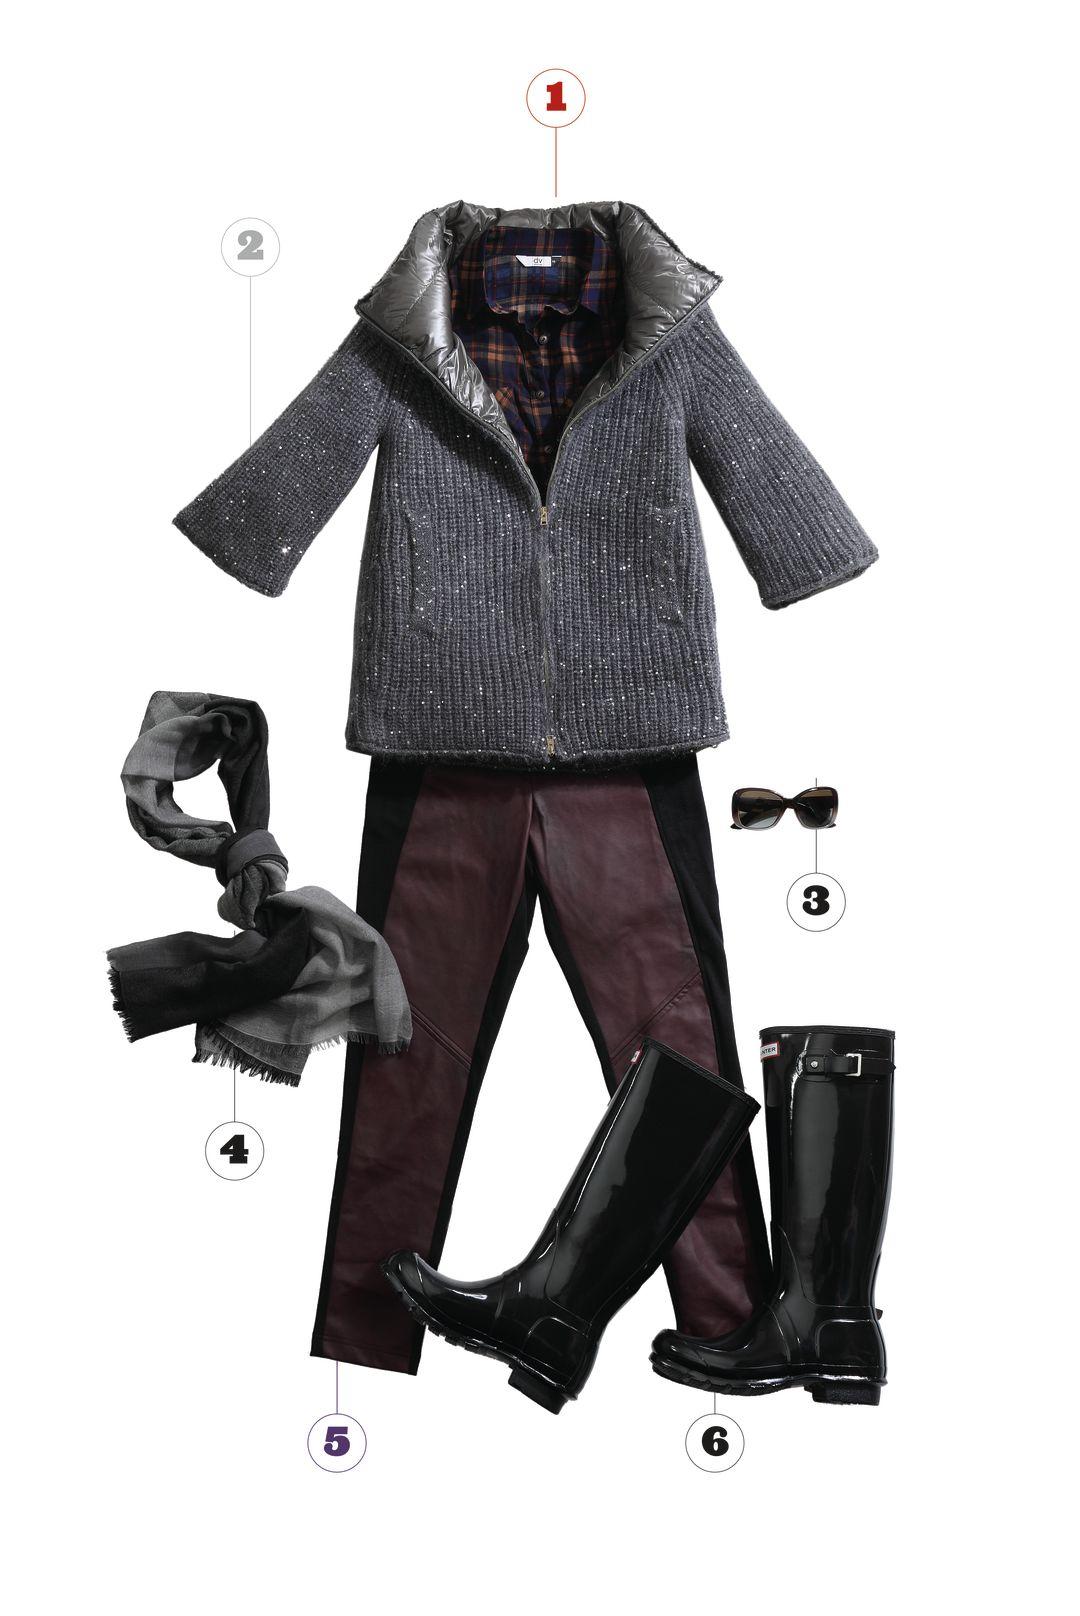 Pcwi 16 wardrobe glitteraati ugkxmq